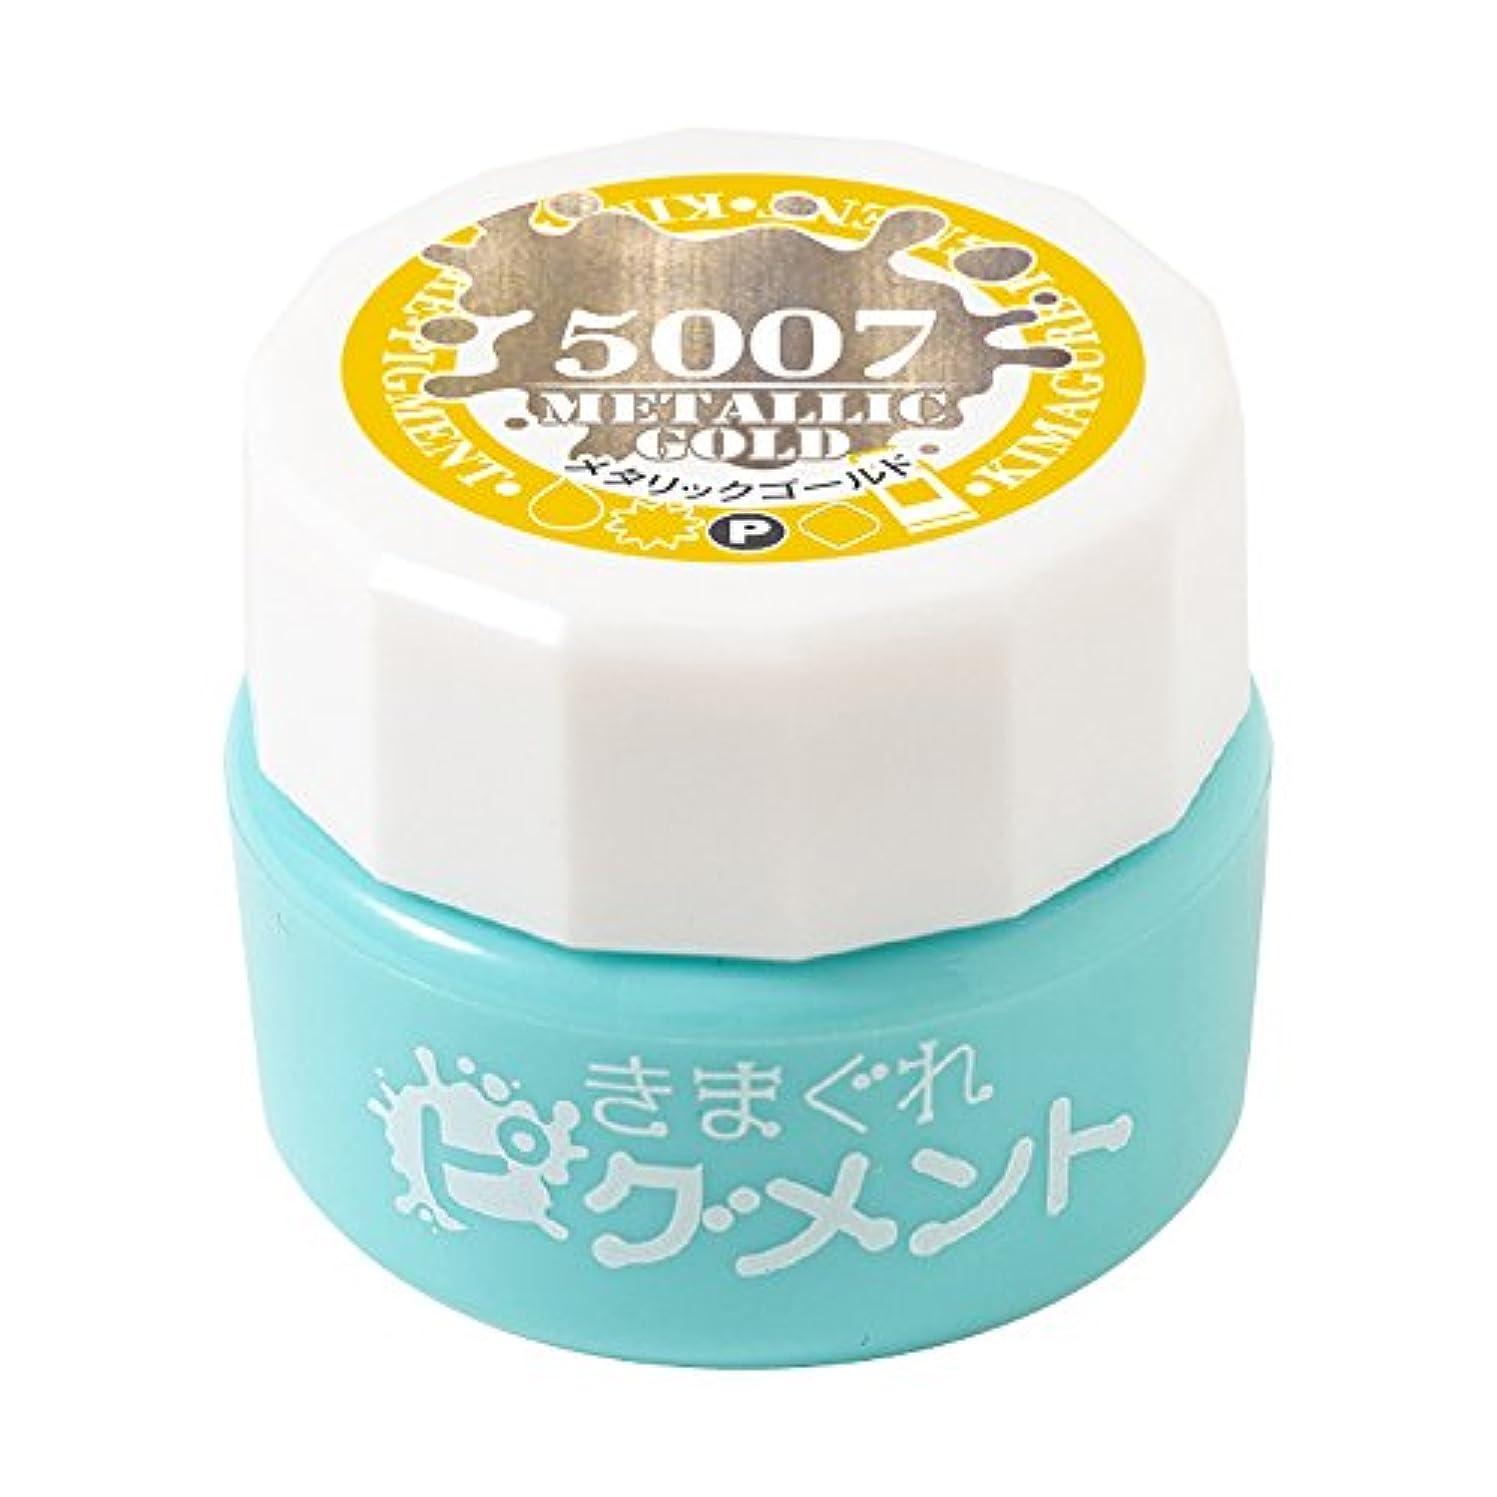 寝室フォーカス福祉Bettygel きまぐれピグメント メタリックゴールド QYJ-5007 4g UV/LED対応